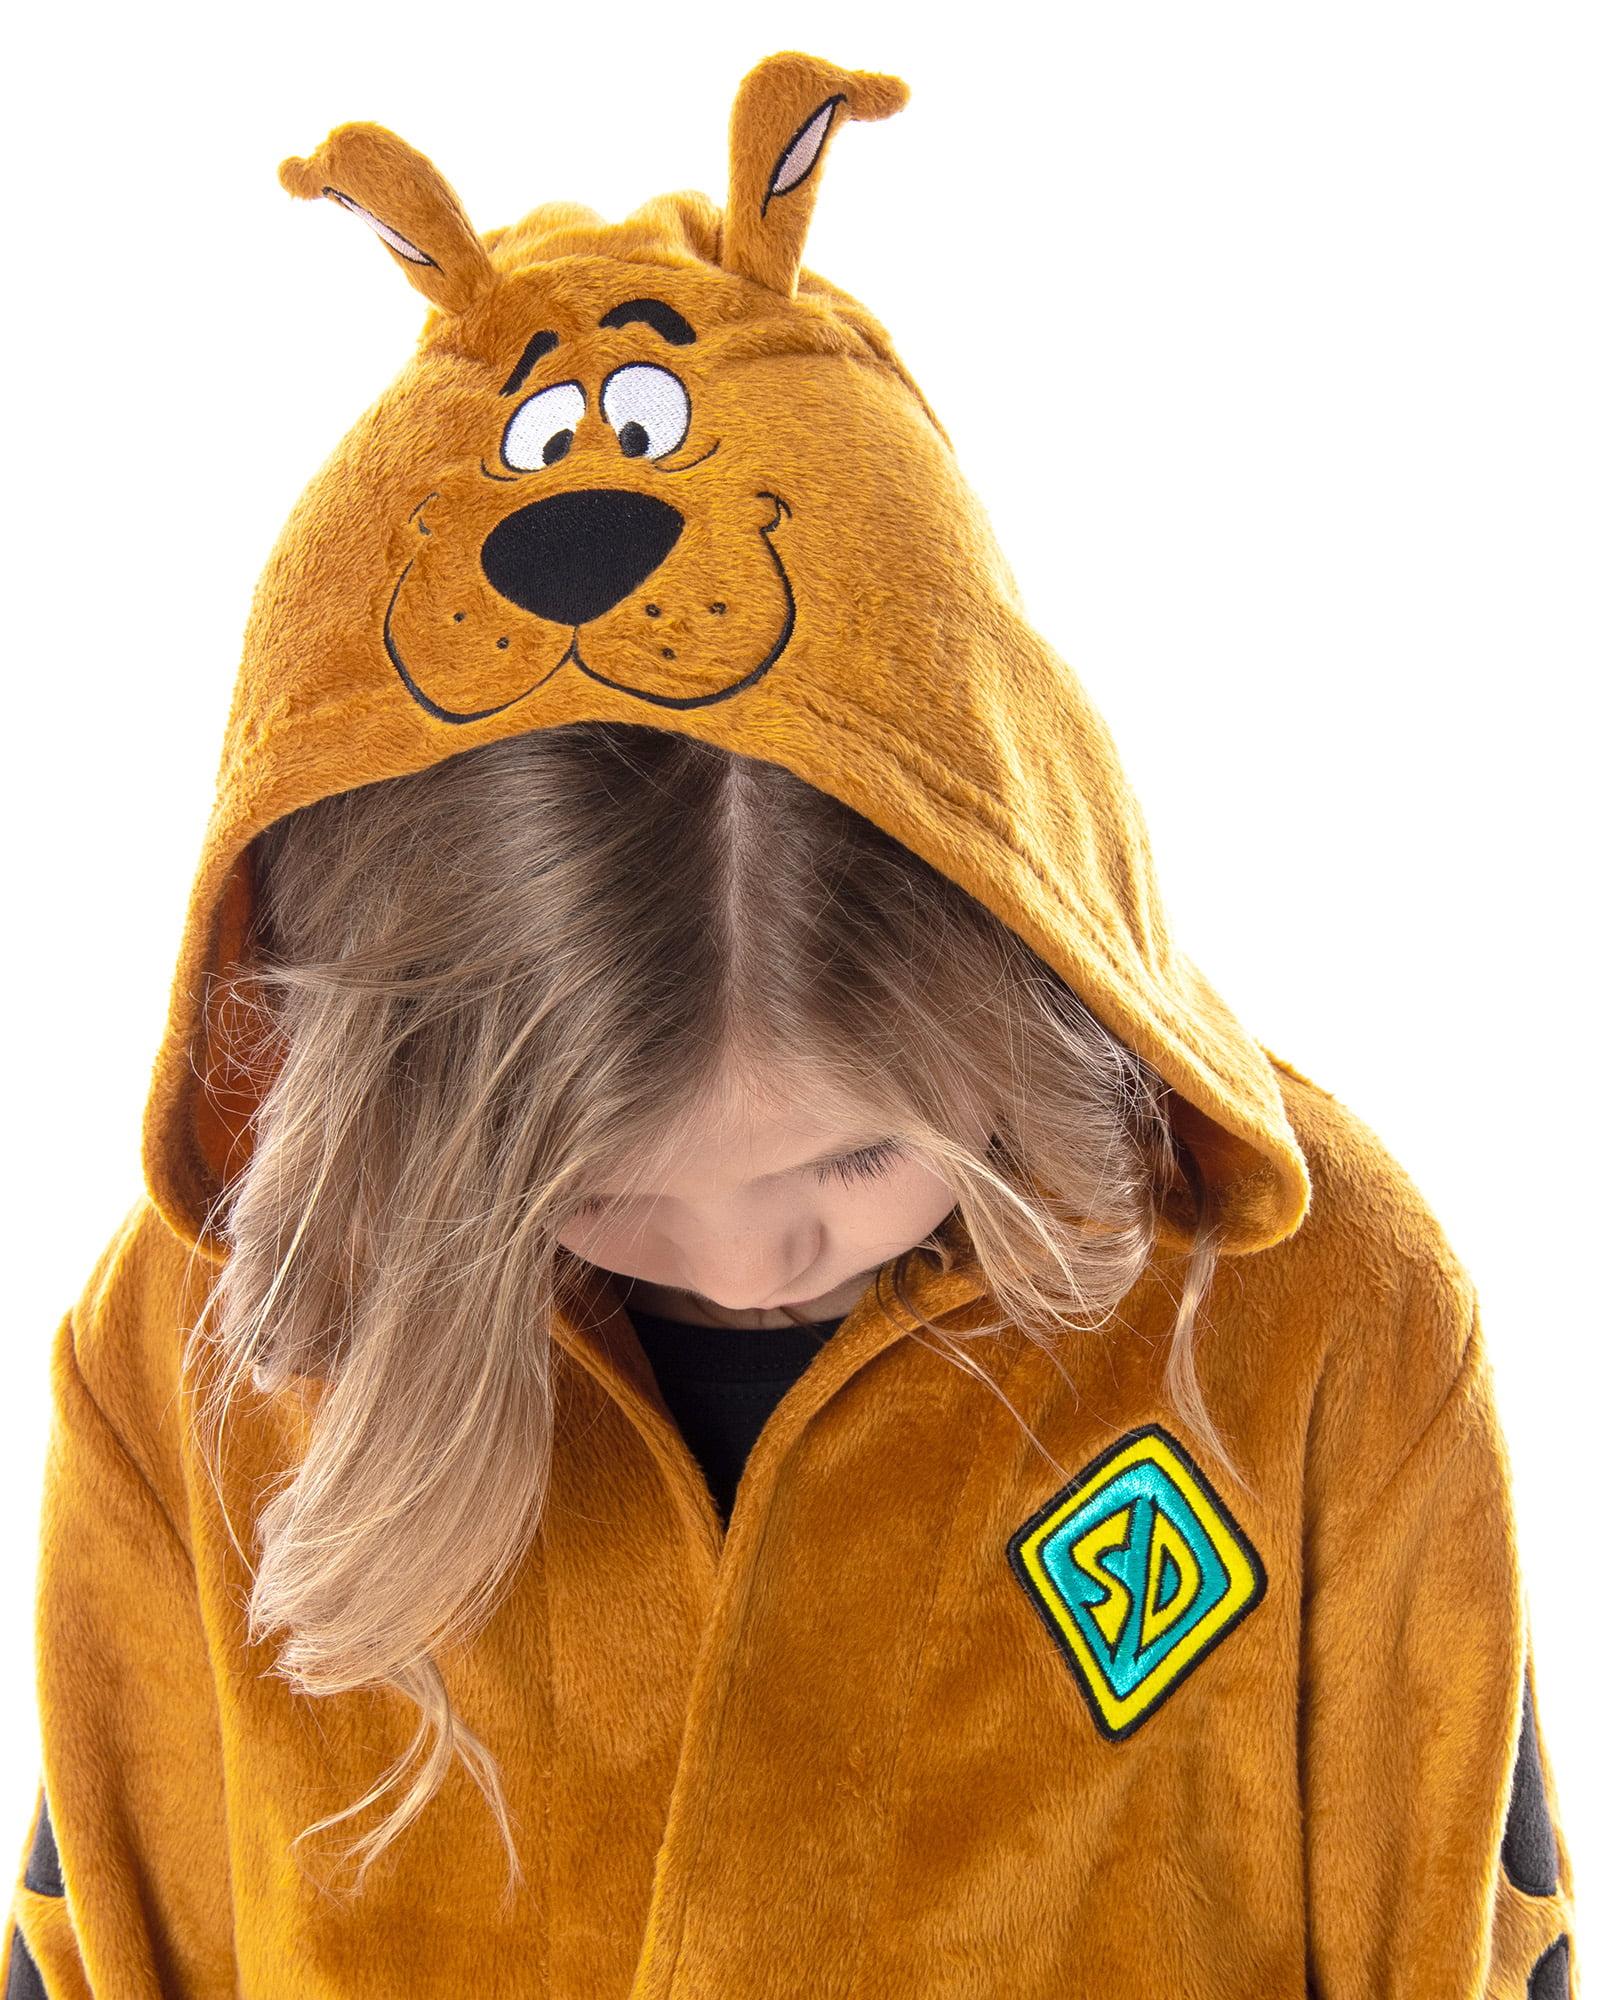 Scooby Doo Costume Zip-Up Bodysuit Hood and Ears Brown